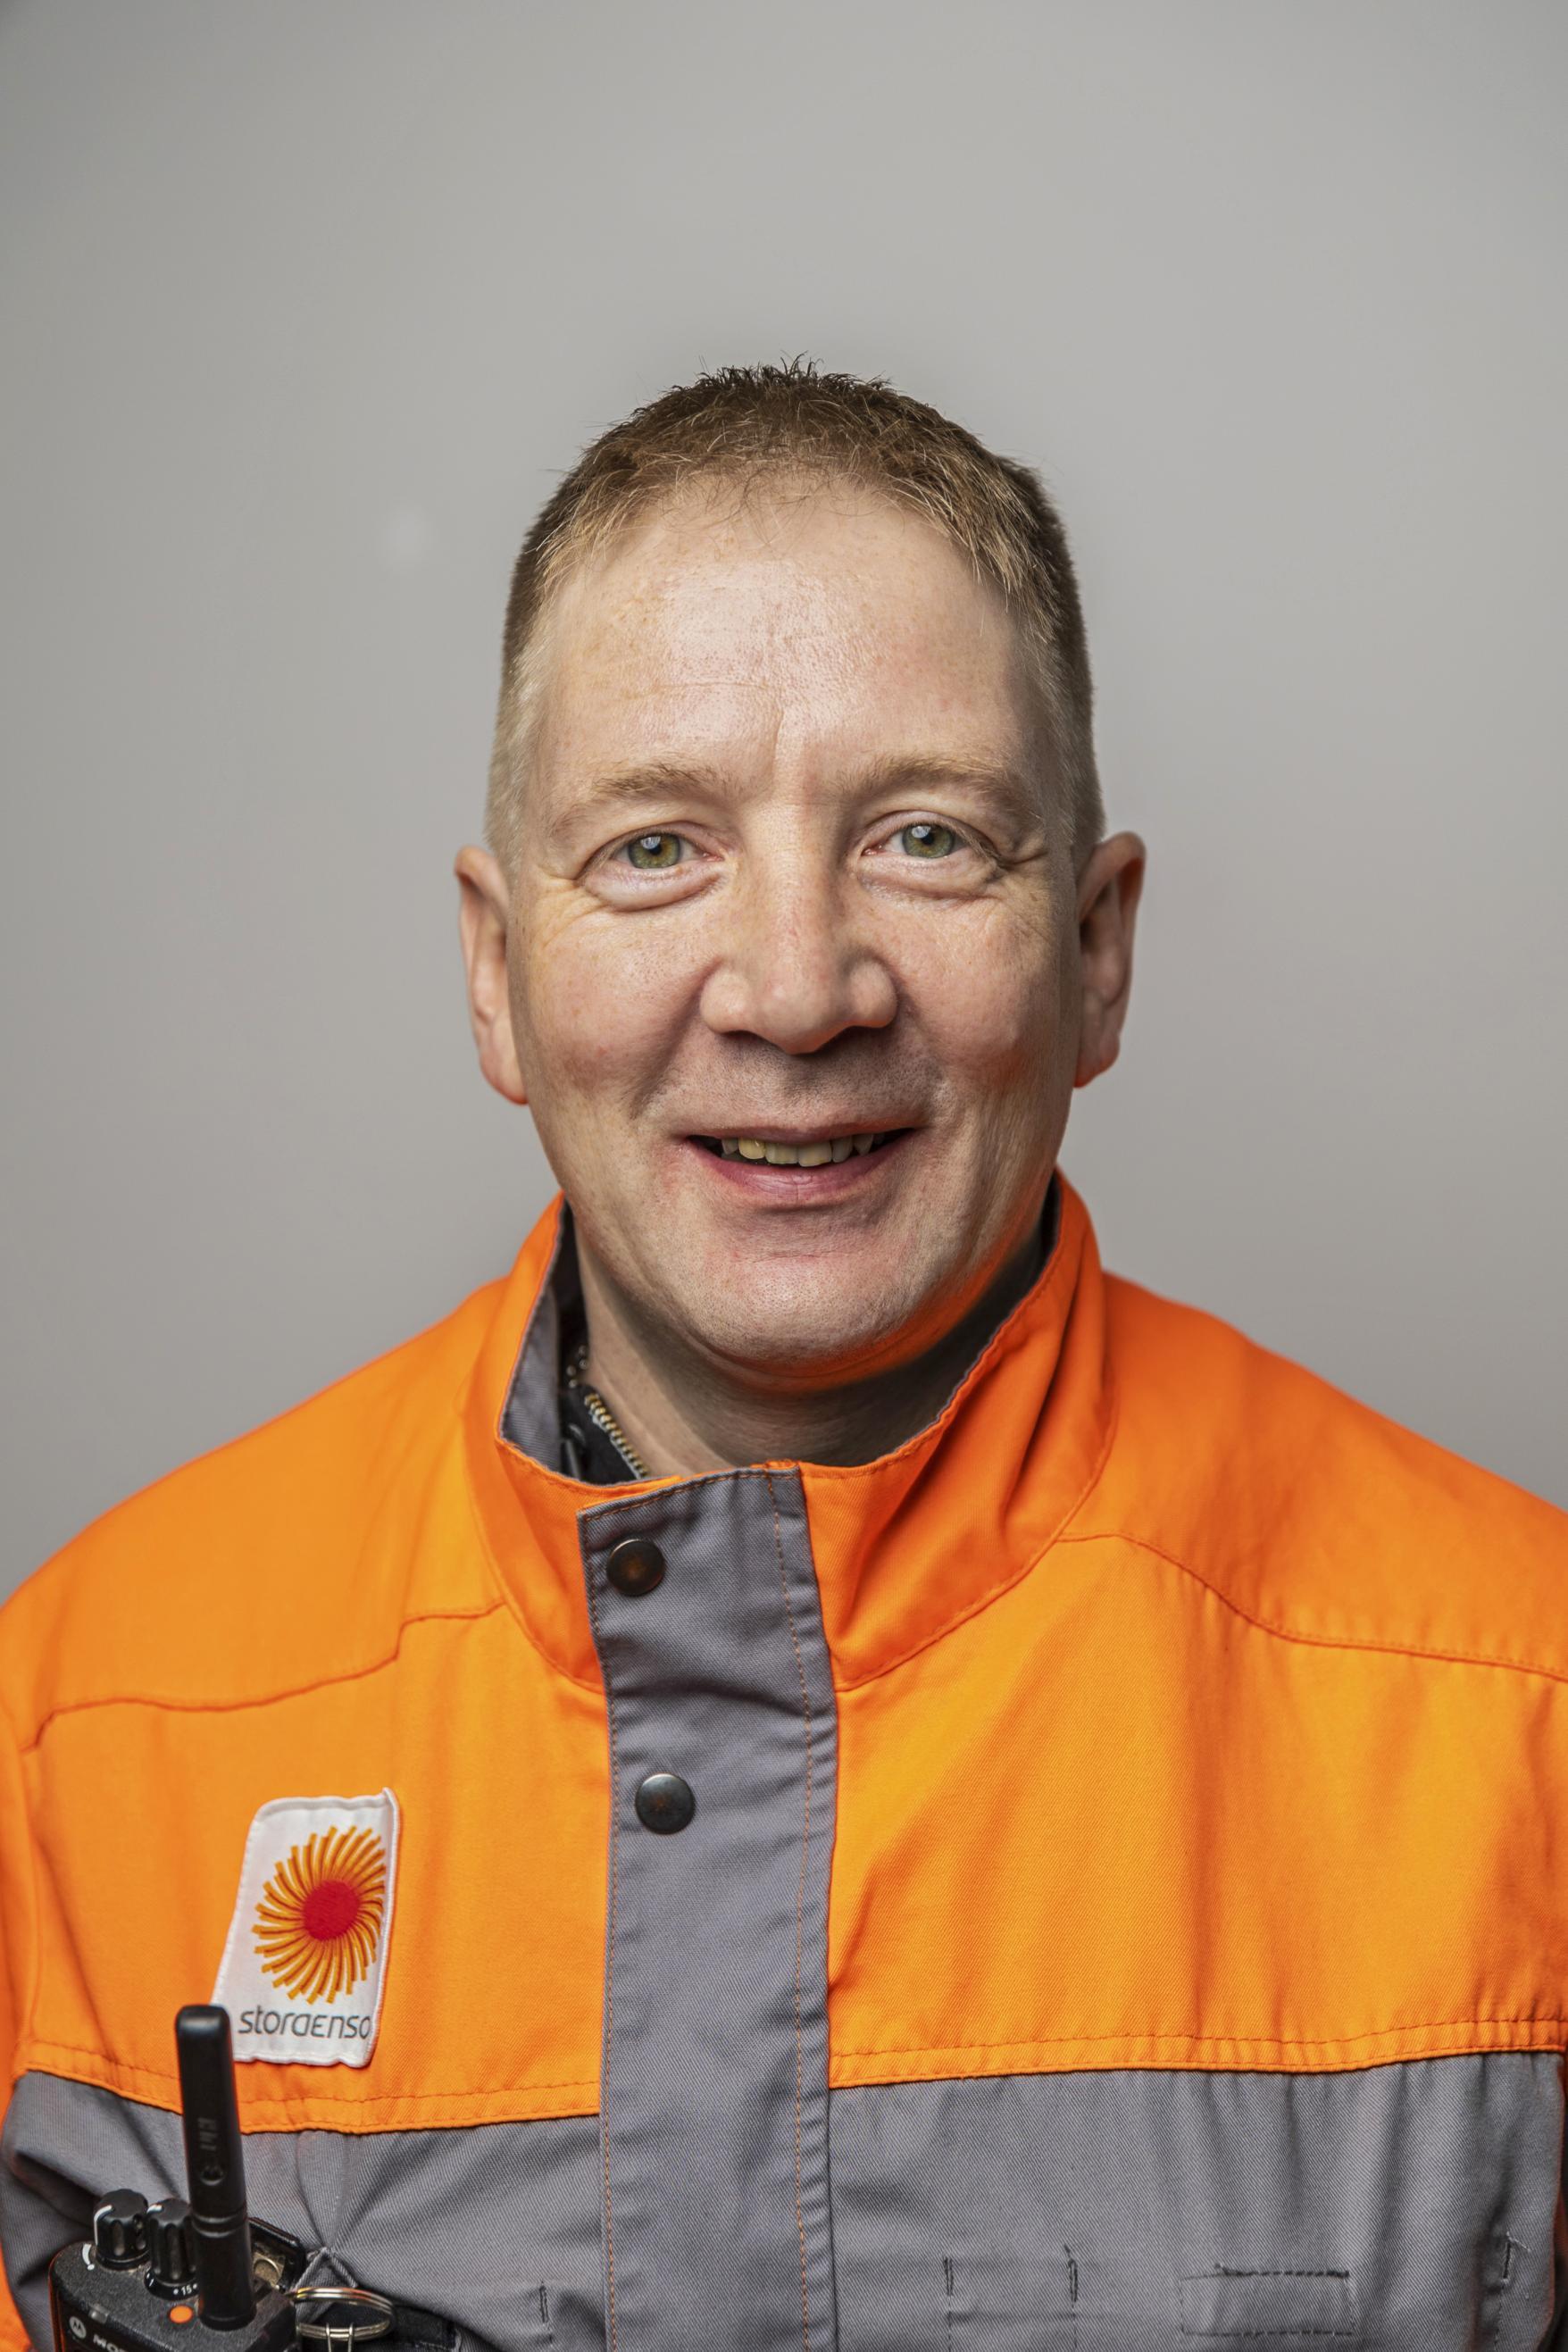 Mika Lappalainen on prosessinhoitajana Stora Enson Varkauden sellutehtaassa.